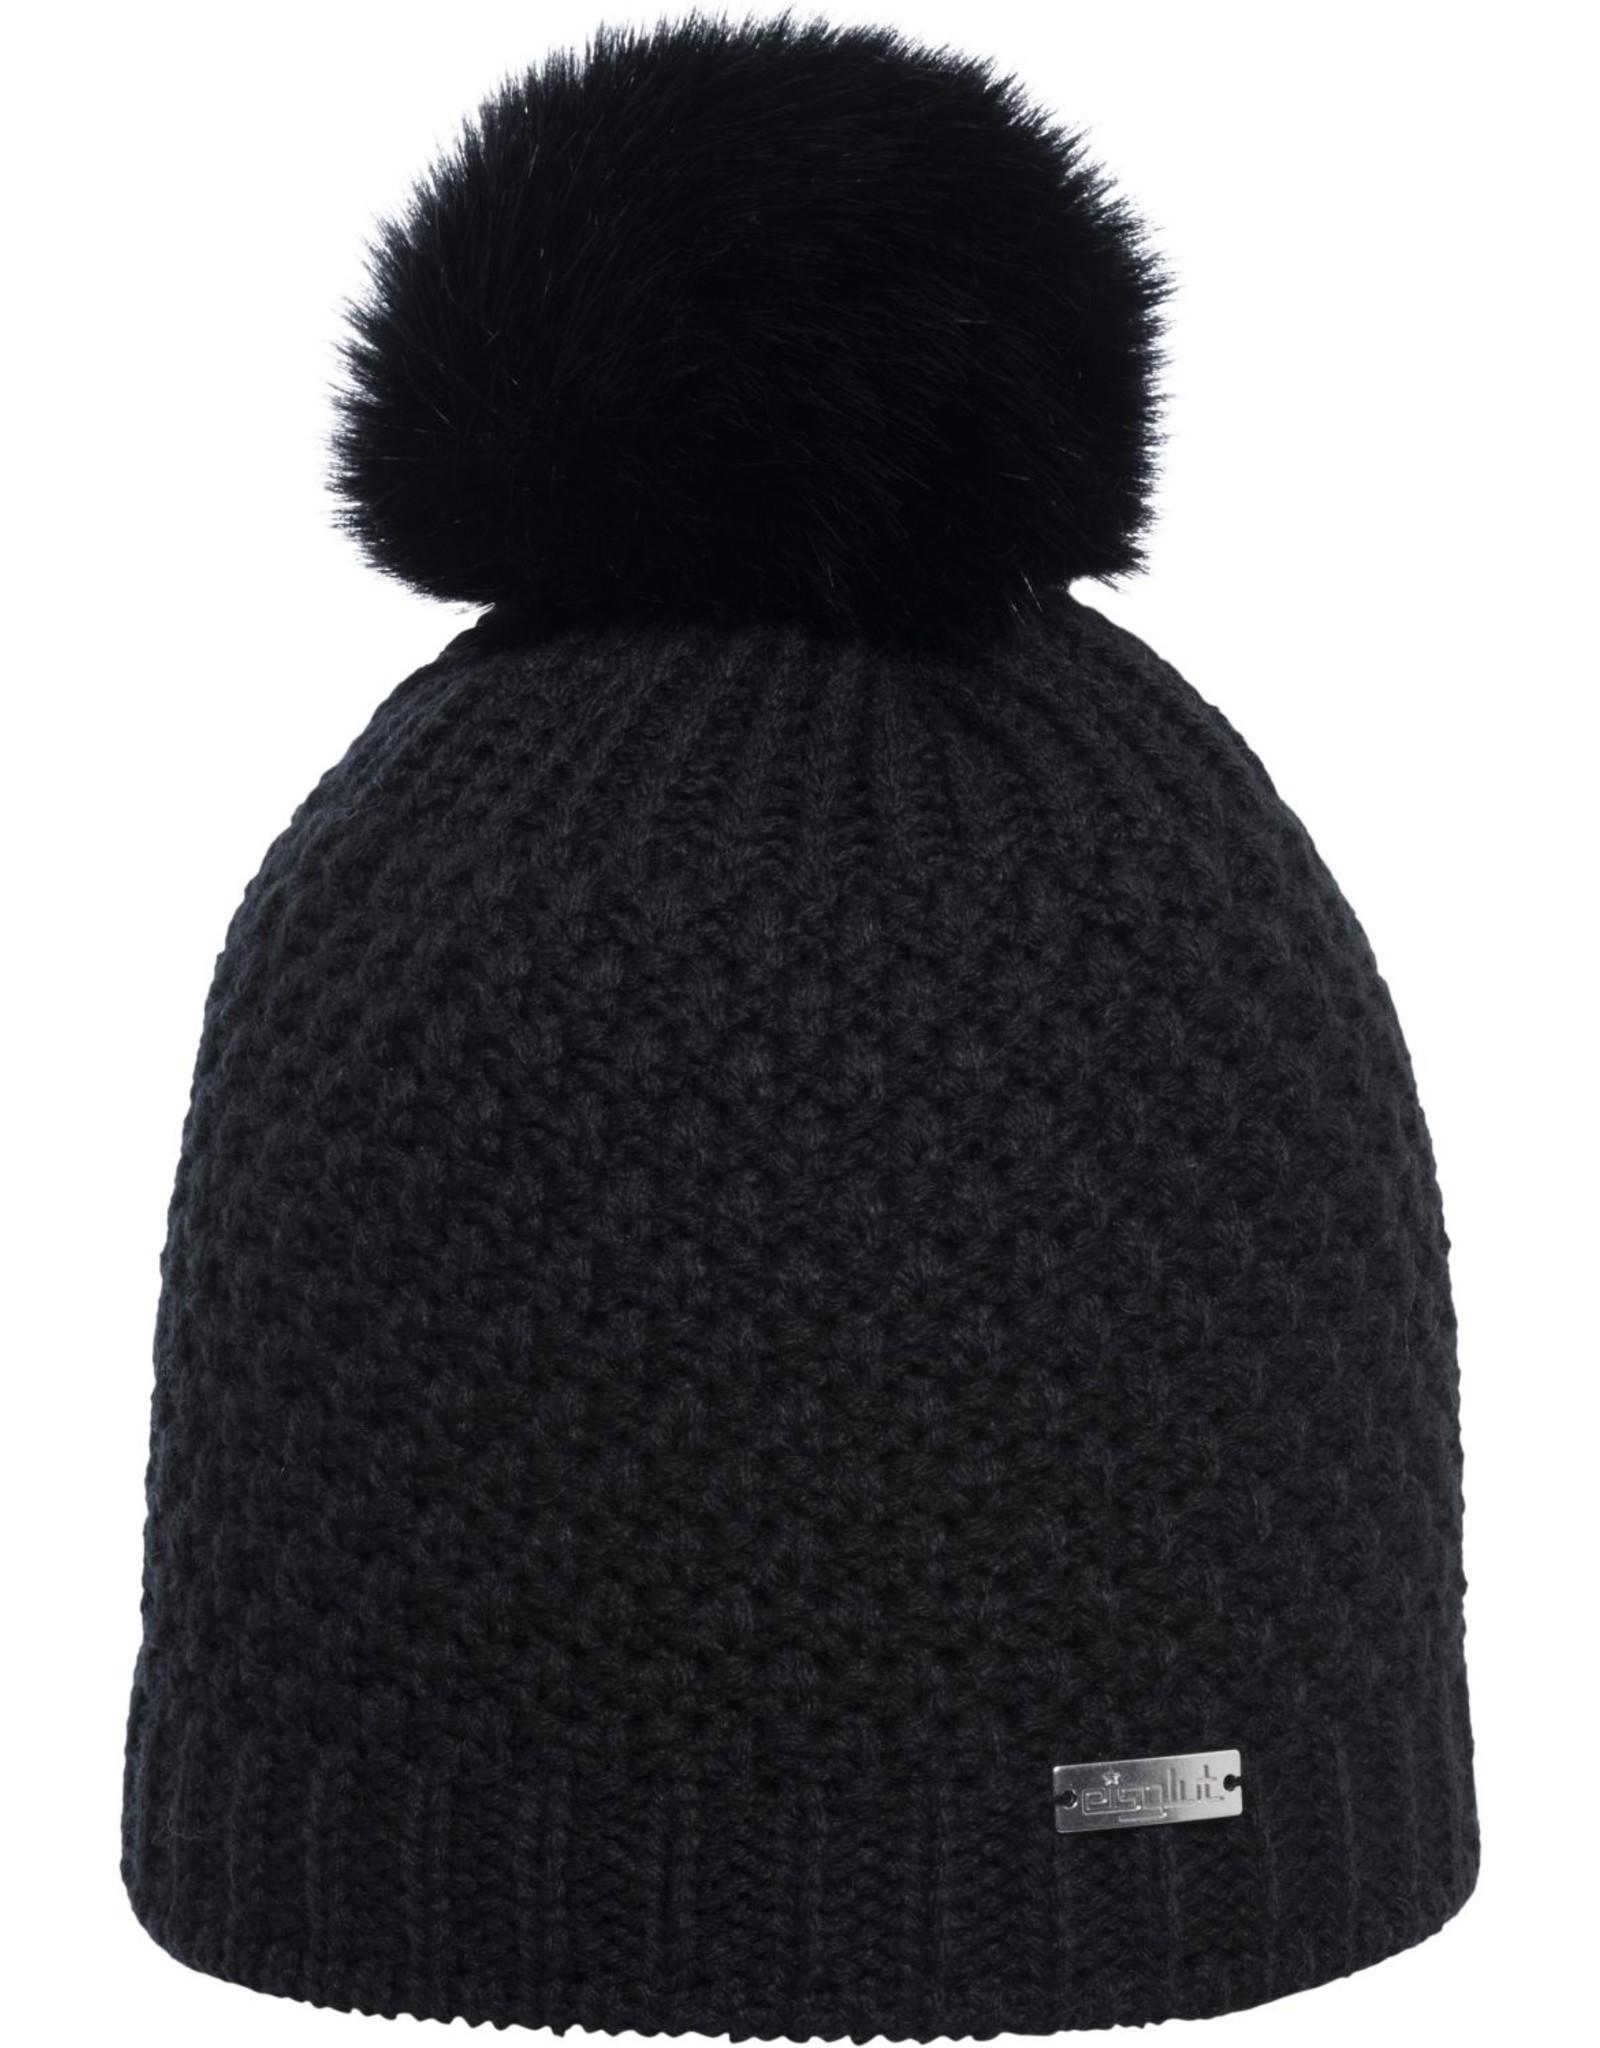 Eisglut Lillya Mütze schwarz